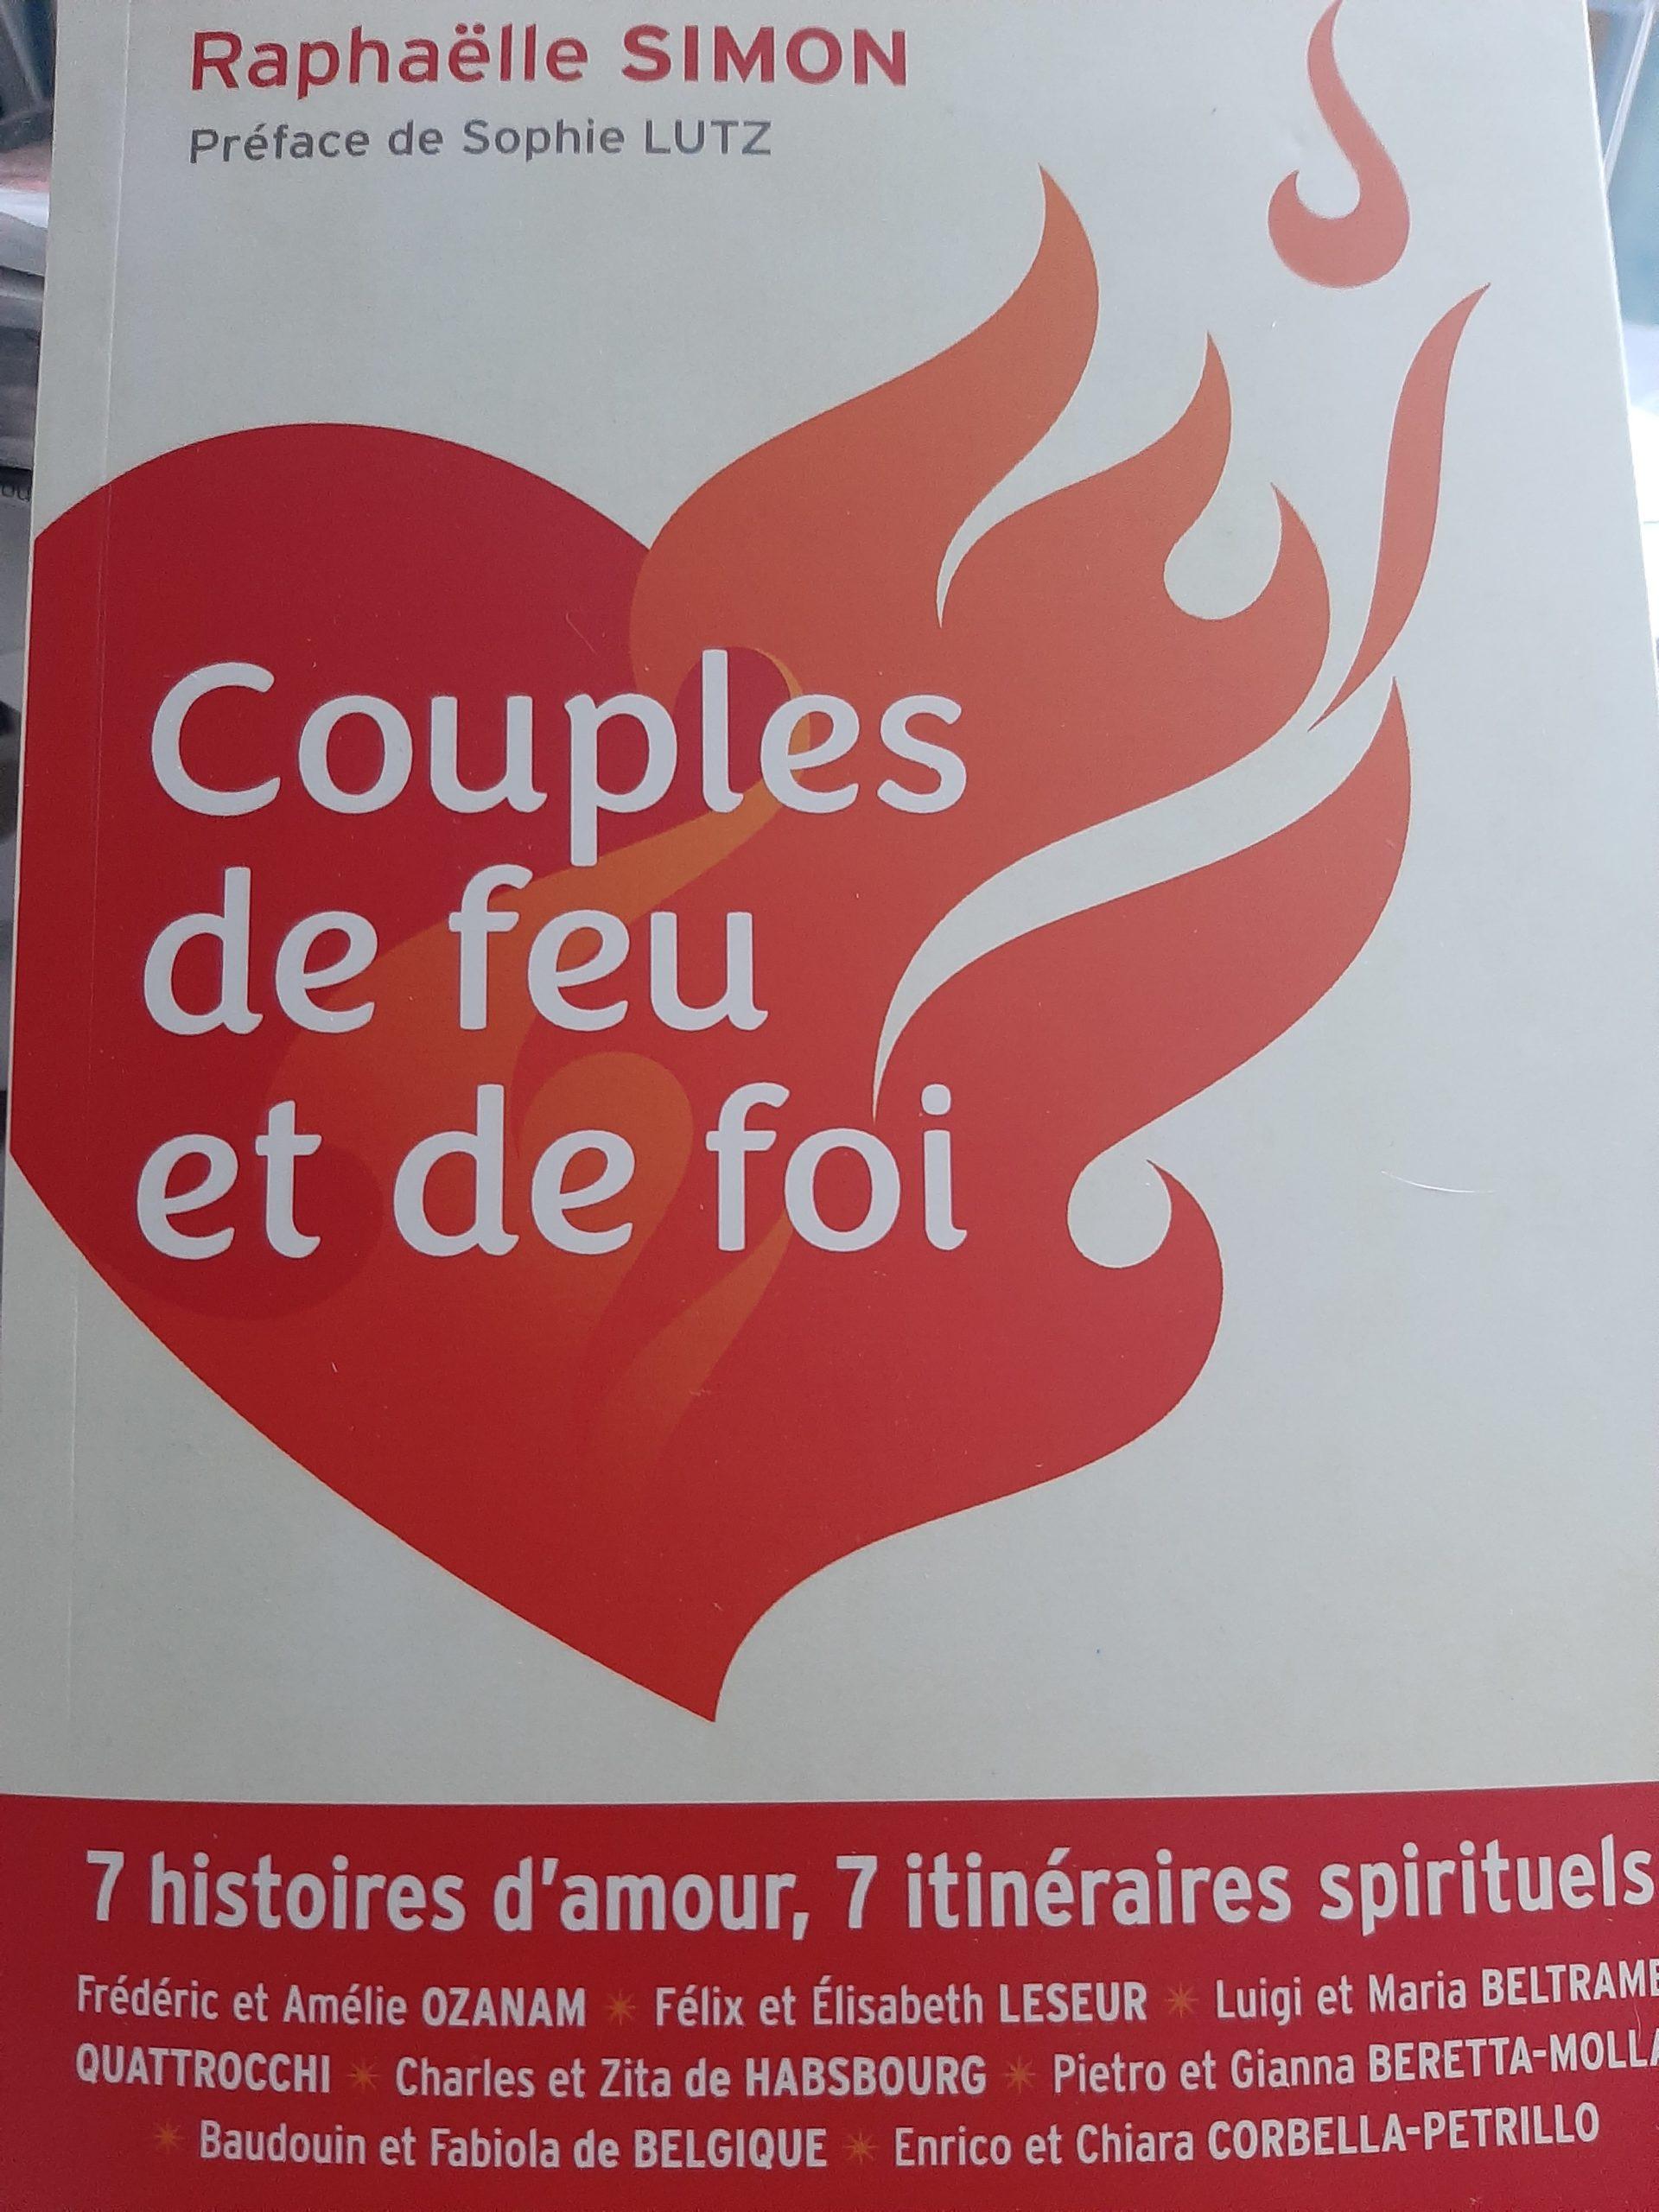 Couples de feu et de foi (Emmanuel), crédit photo A. Sanchez